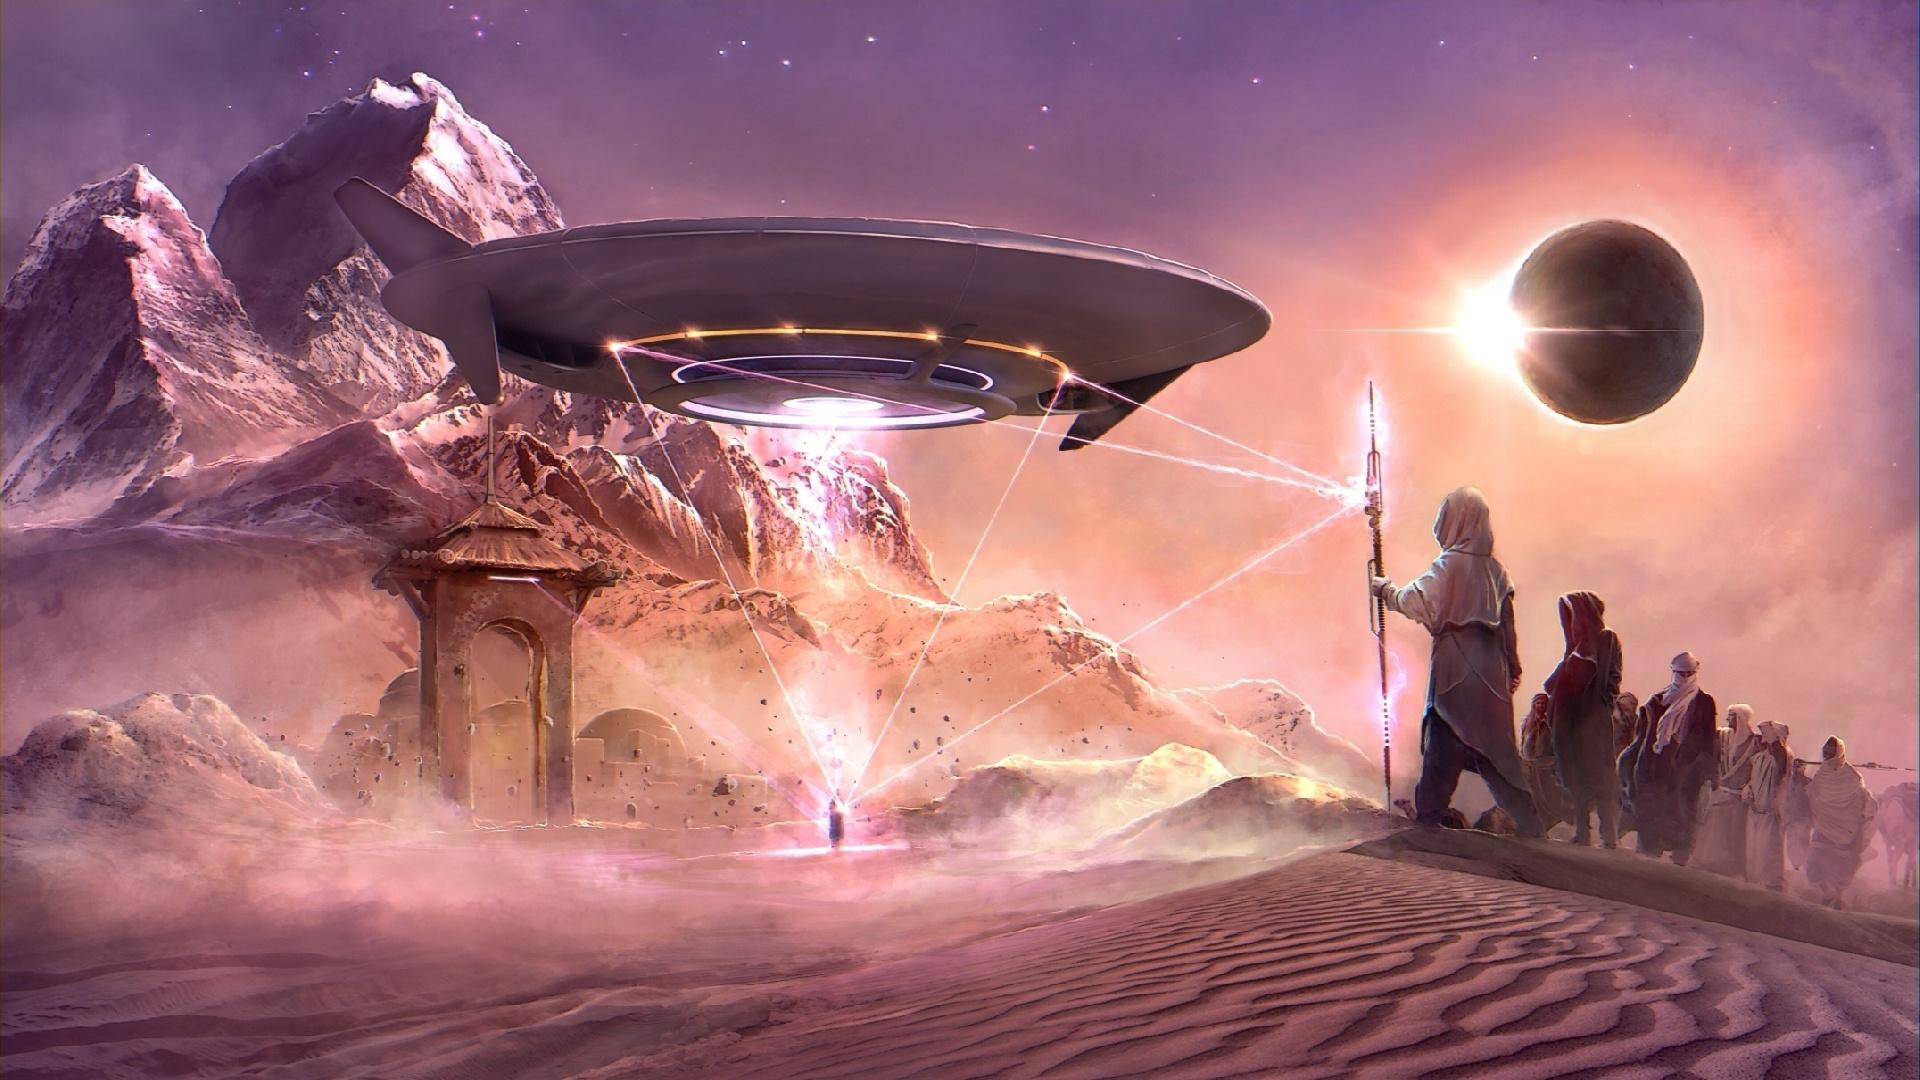 Alien Planet Art HD Wallpaper